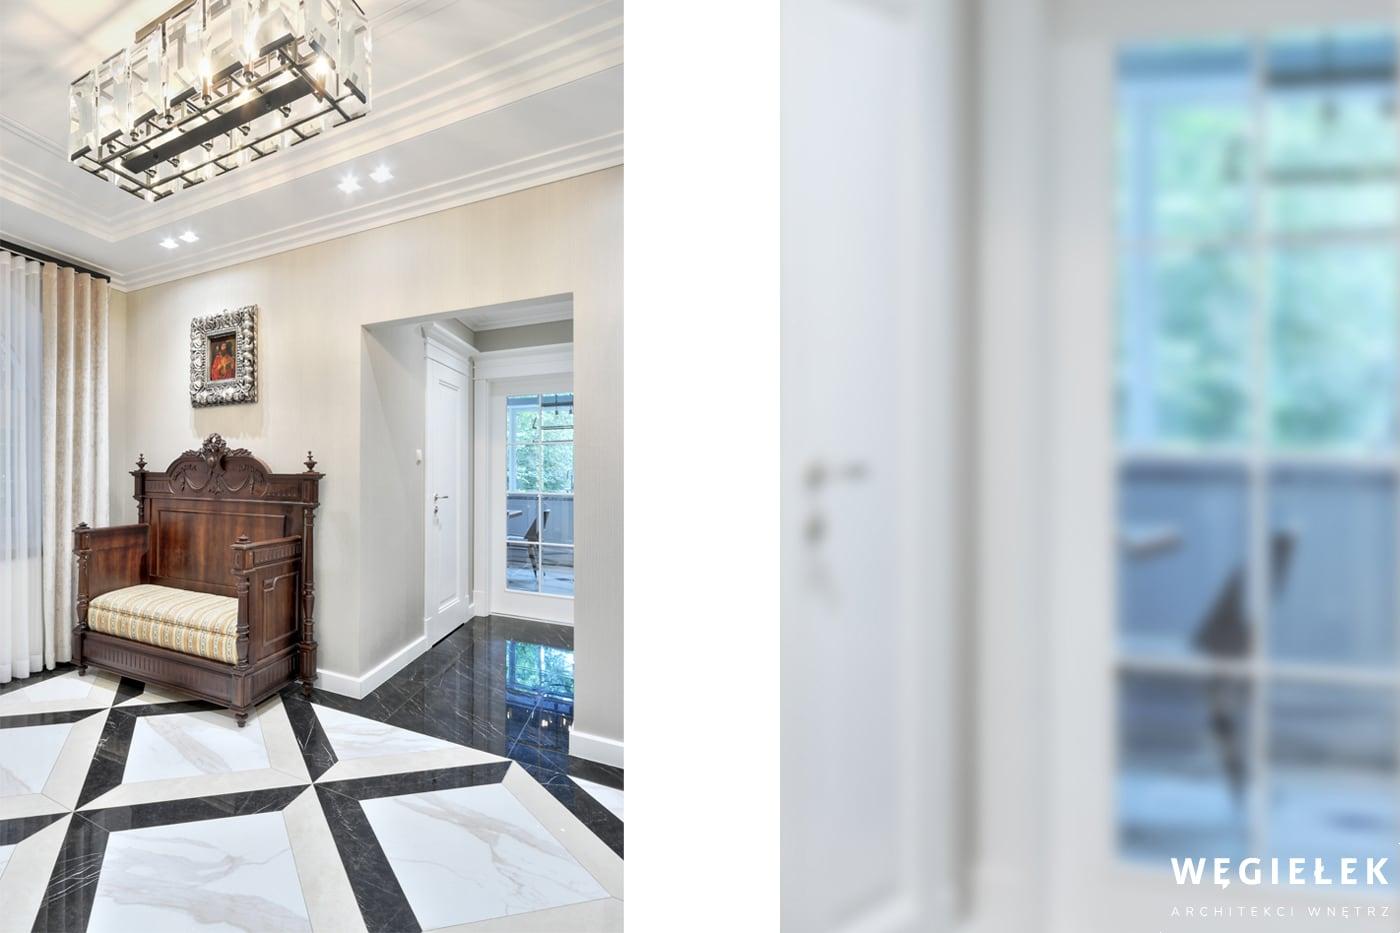 Projekt domu musi uwzględniać również wyjątkowy hol. Najlepiej połączyć klasykę z nowoczesnością, ta zasada sprawdziła się i tym razem, dając imponujący efekt.